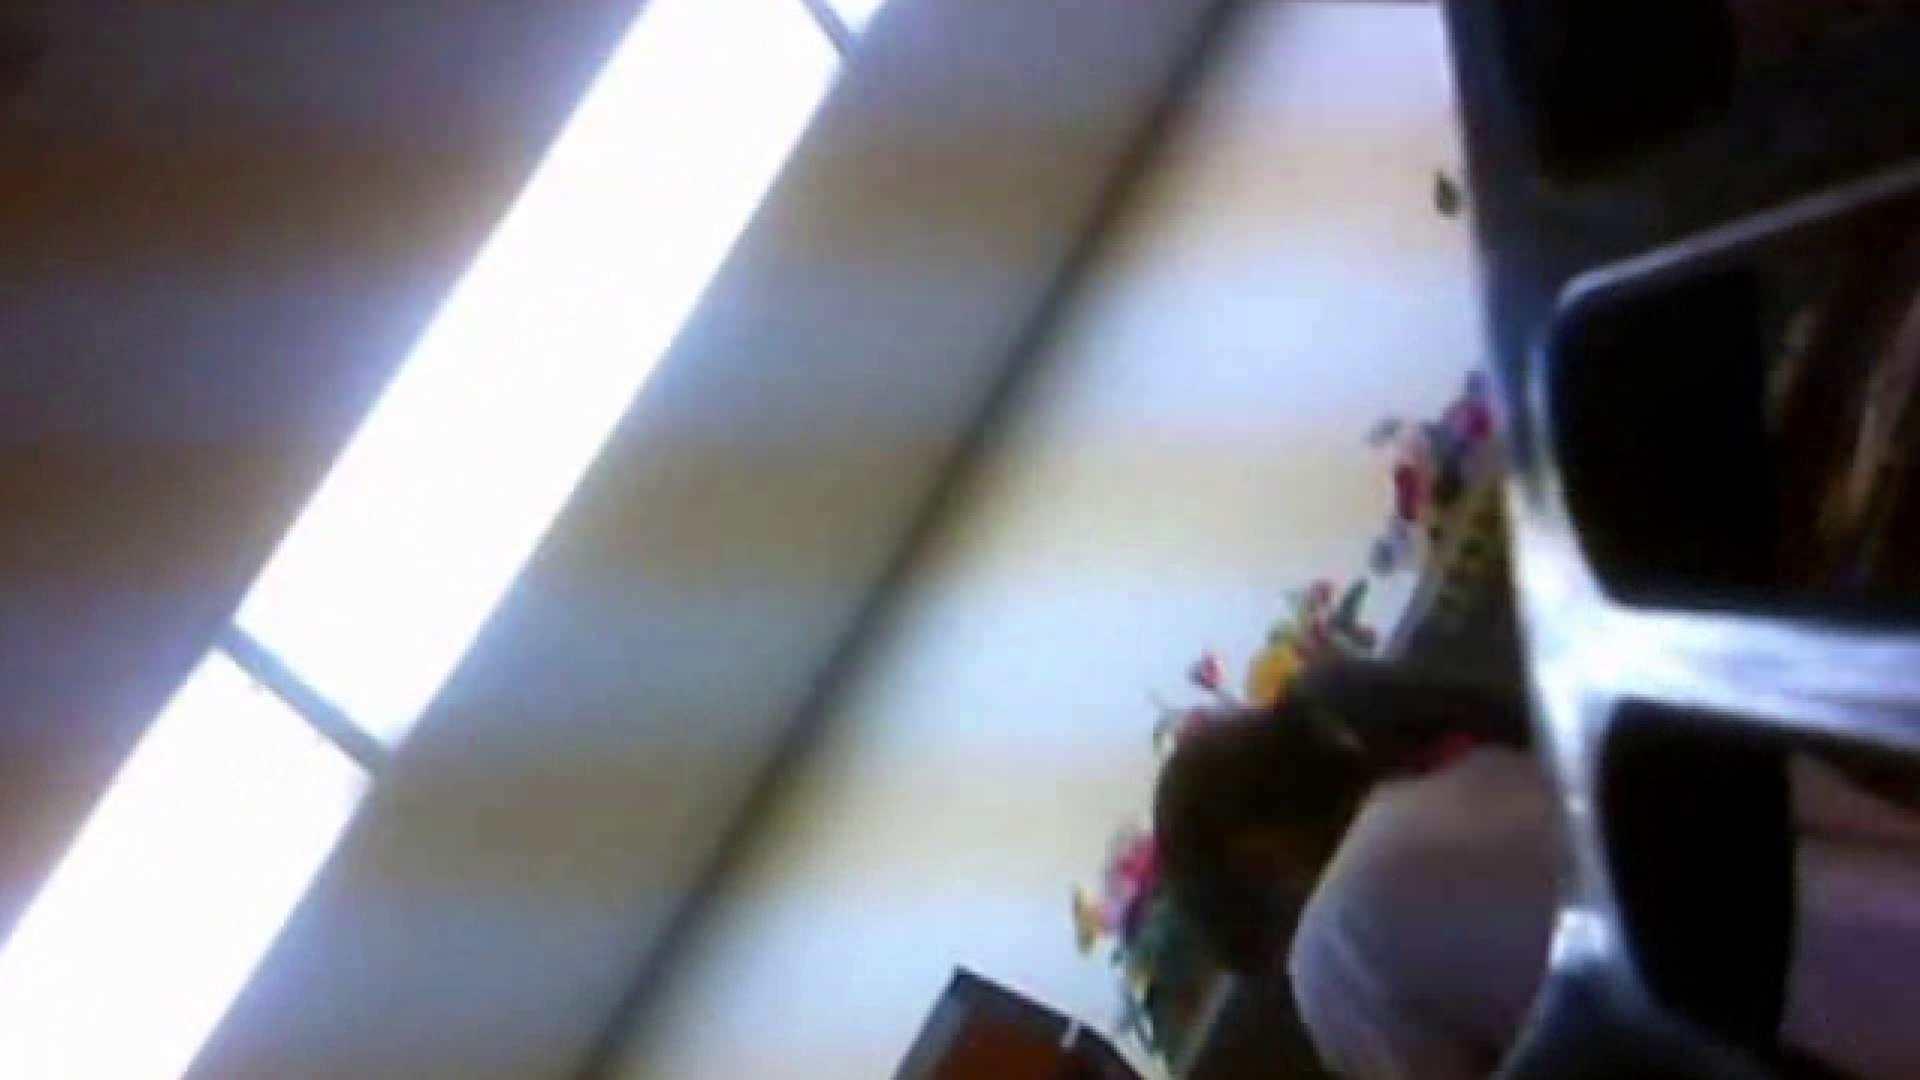 真剣に買い物中のgal達を上から下から狙います。vol.09 JKヌード | HなOL  70pic 16